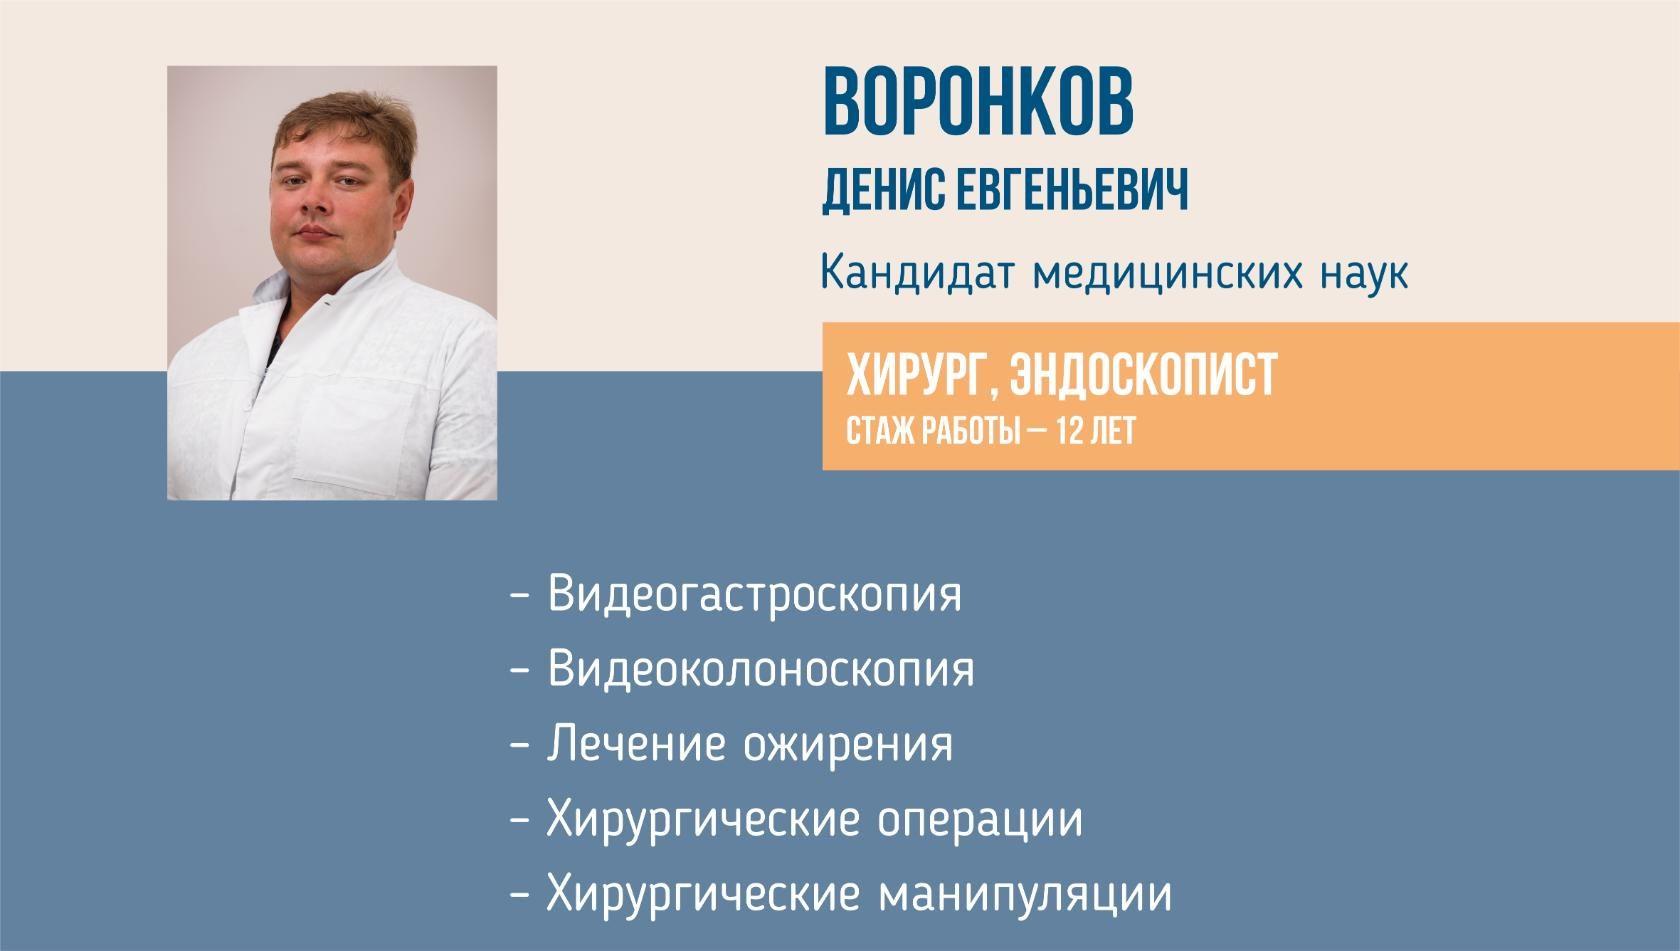 Колоноскопия+биопсия+консультация — 7000 руб.